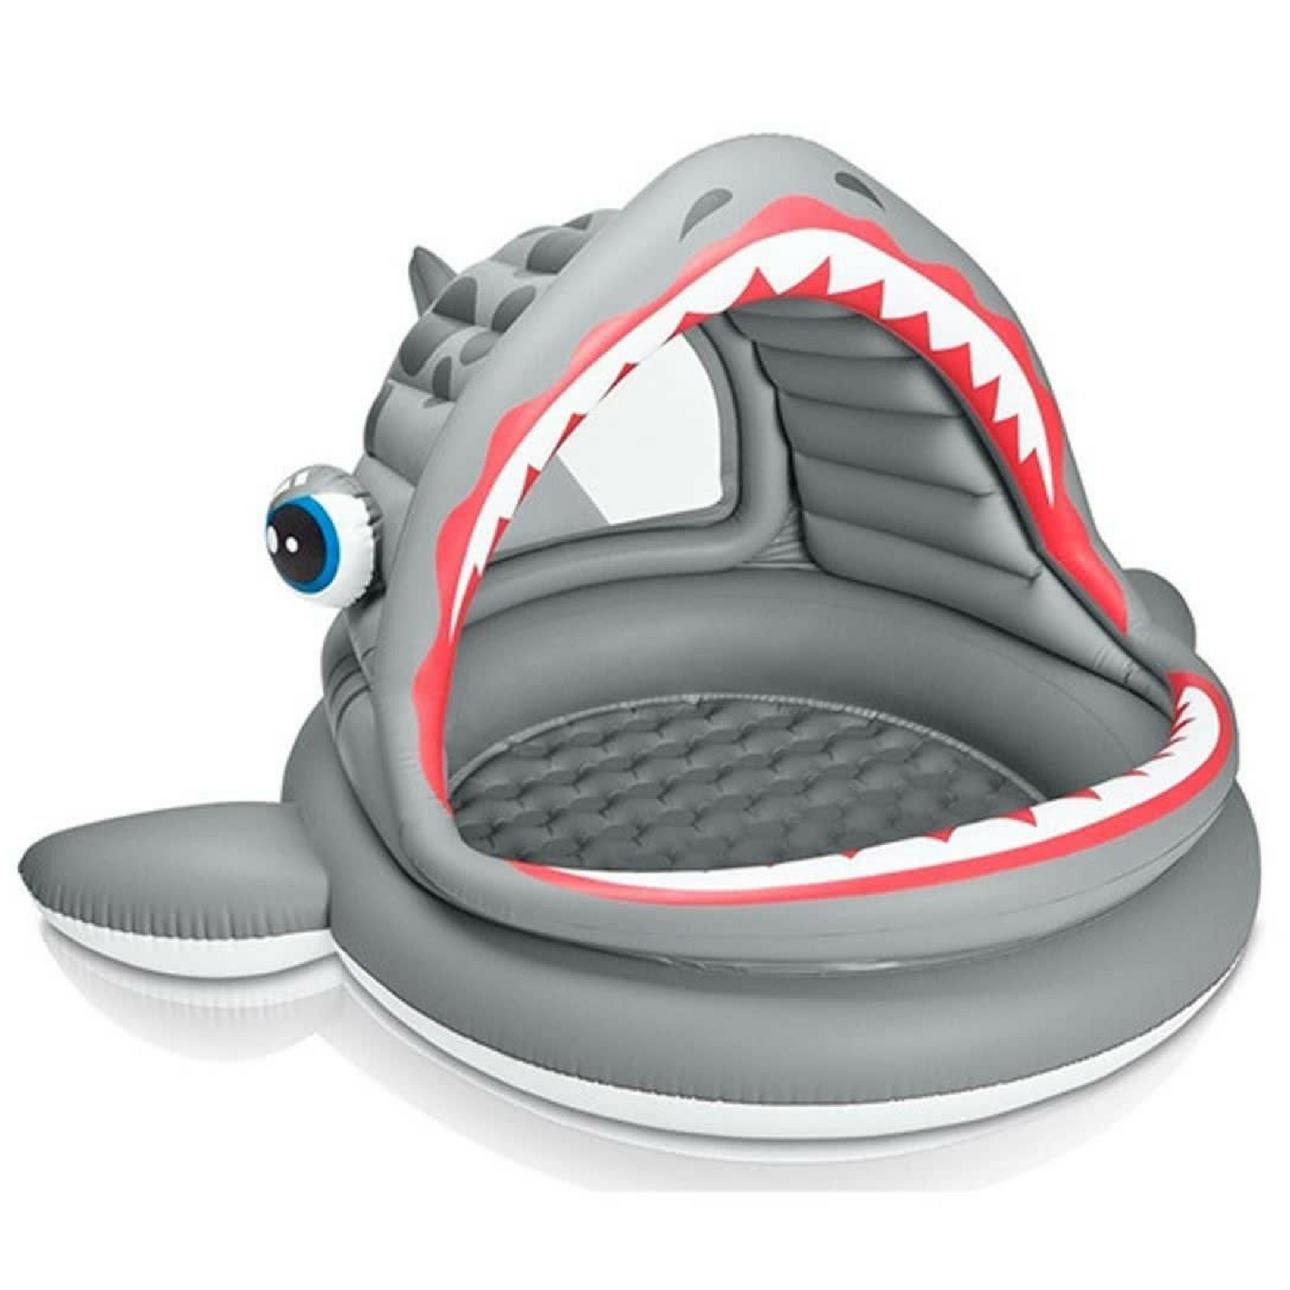 opblaaszwembad intex haai